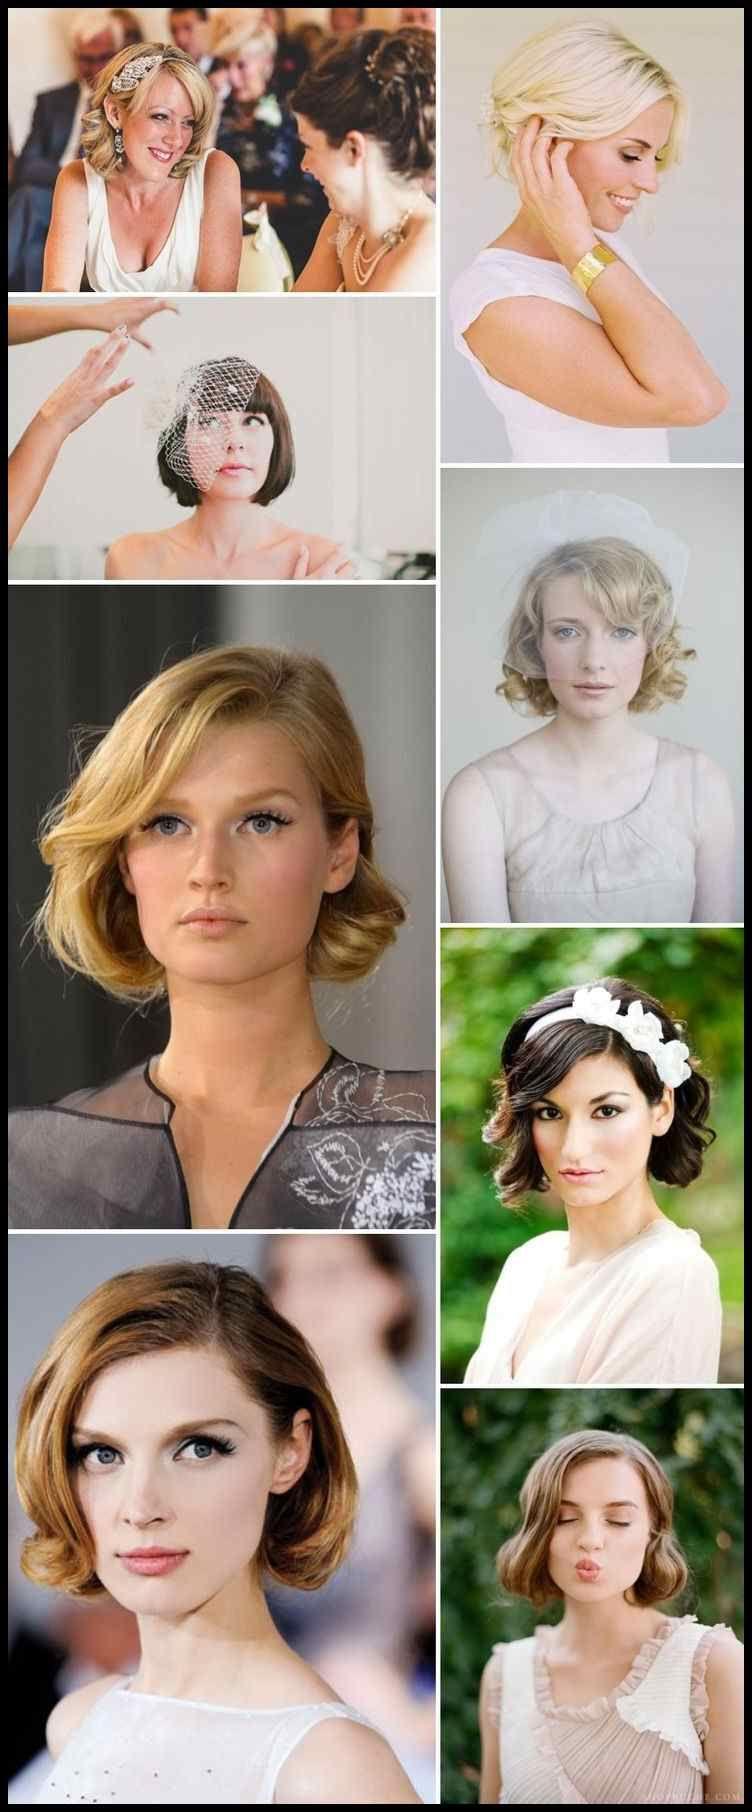 8 hochzeit frisur ideen für mittlere haare - frisuren